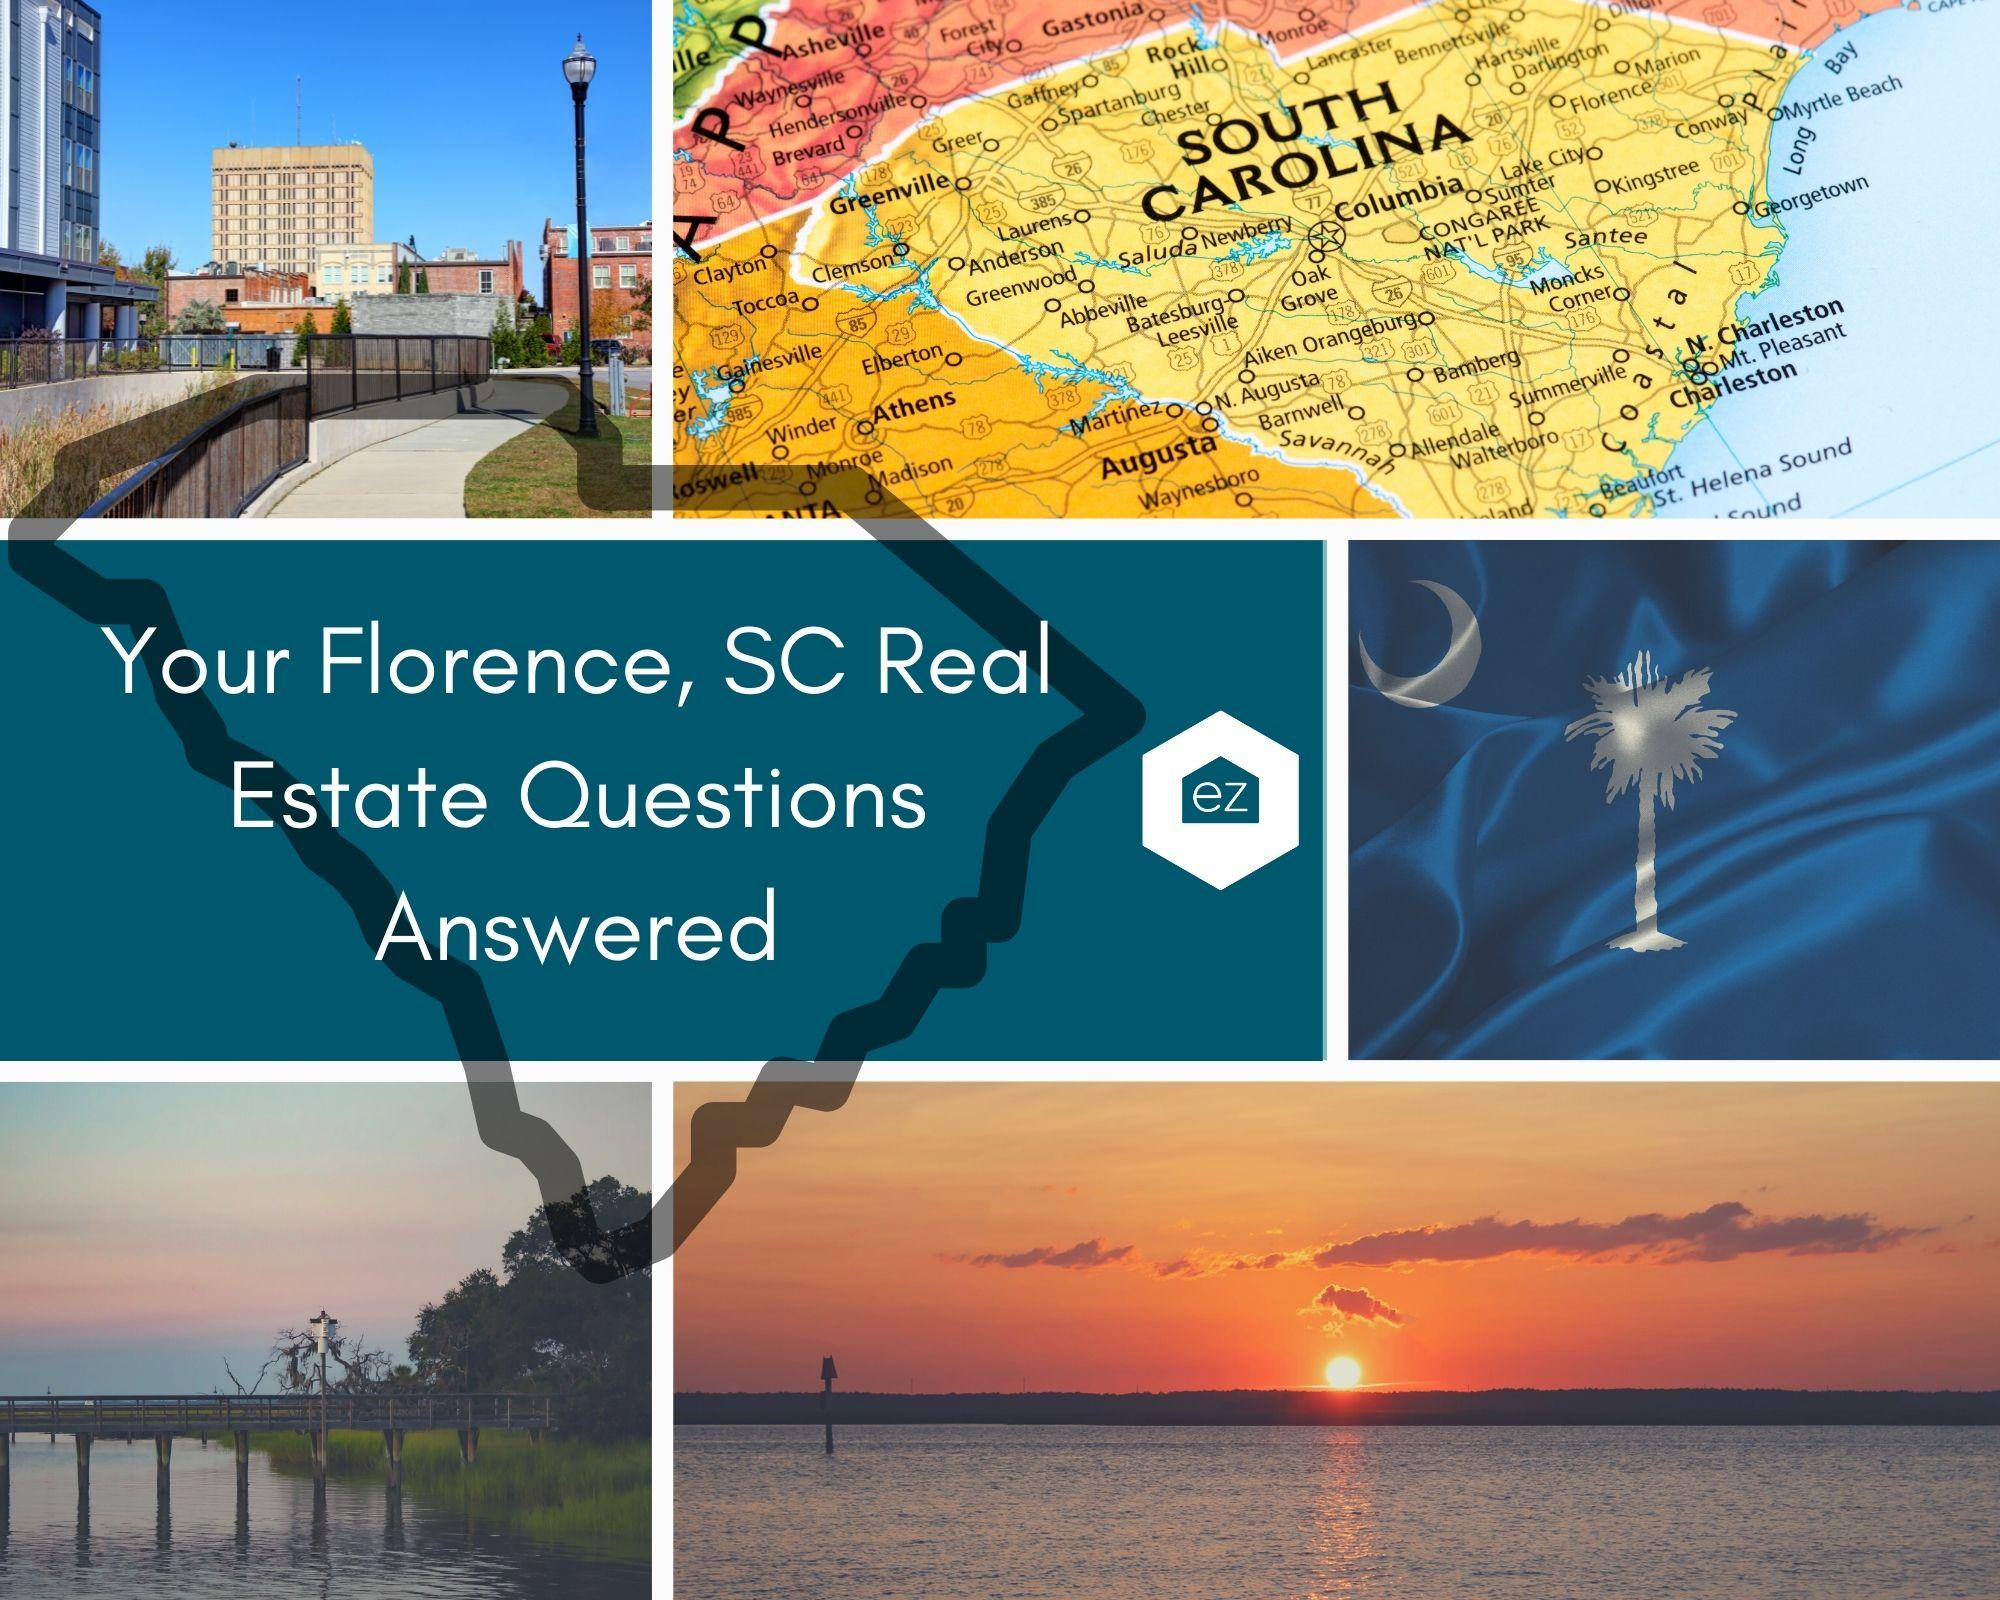 Photos of Florence and South Carolina